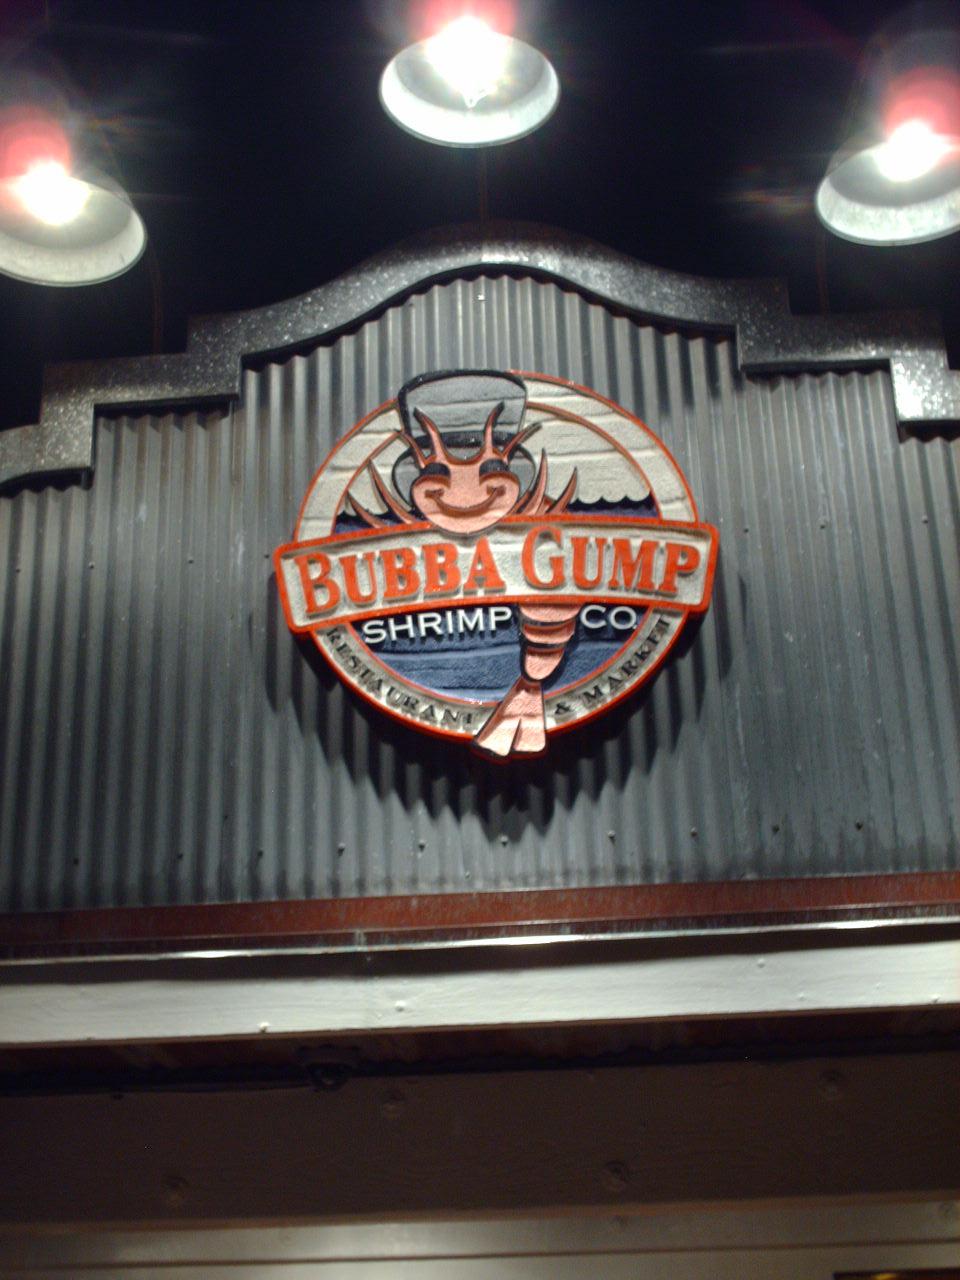 Bubba Gump's